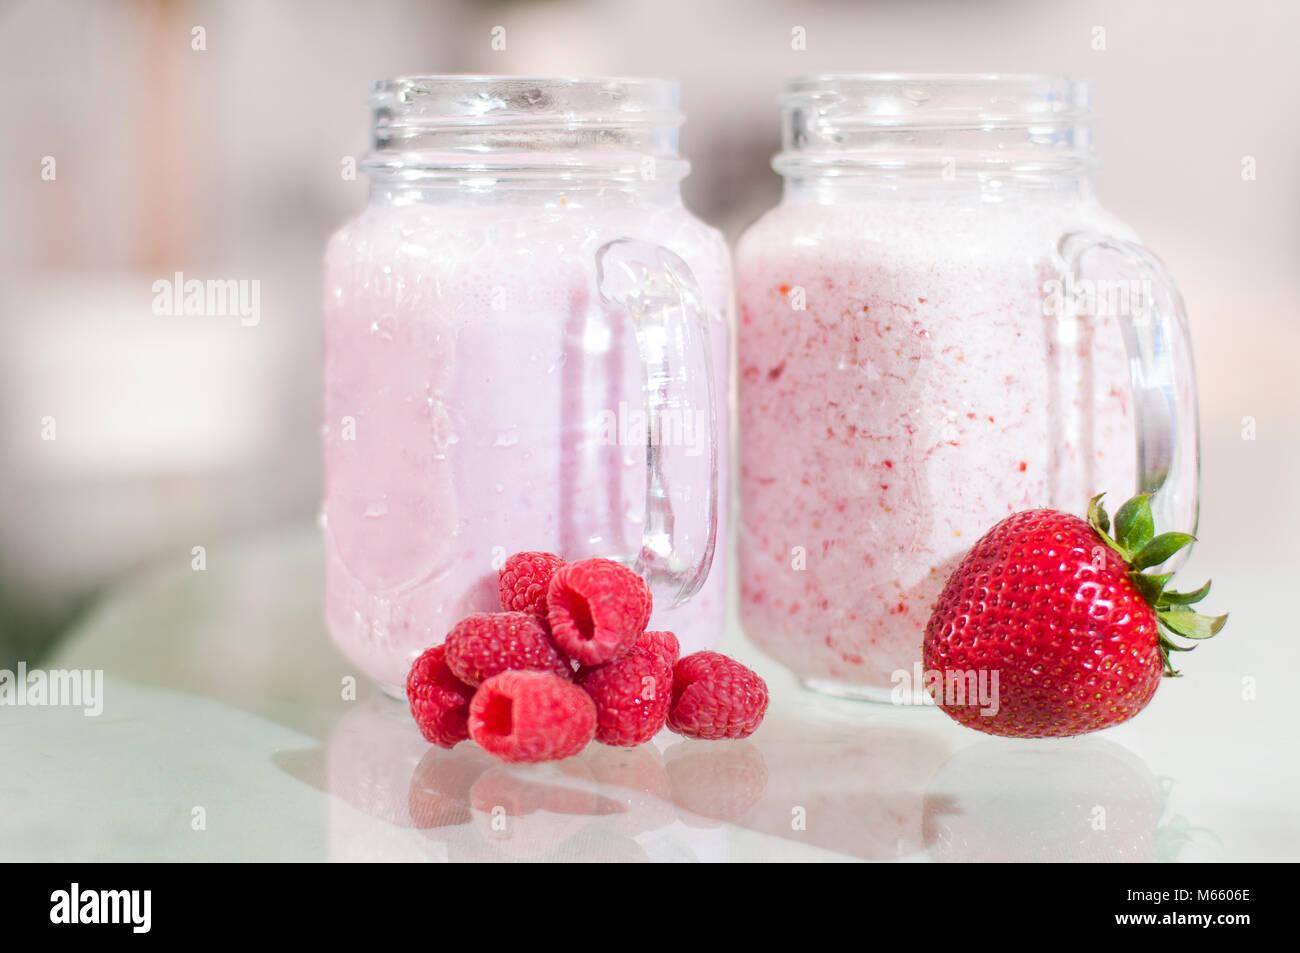 Smoothie lait fraise dans un bocal en verre, de bien-être et poids loos concept. Banque D'Images